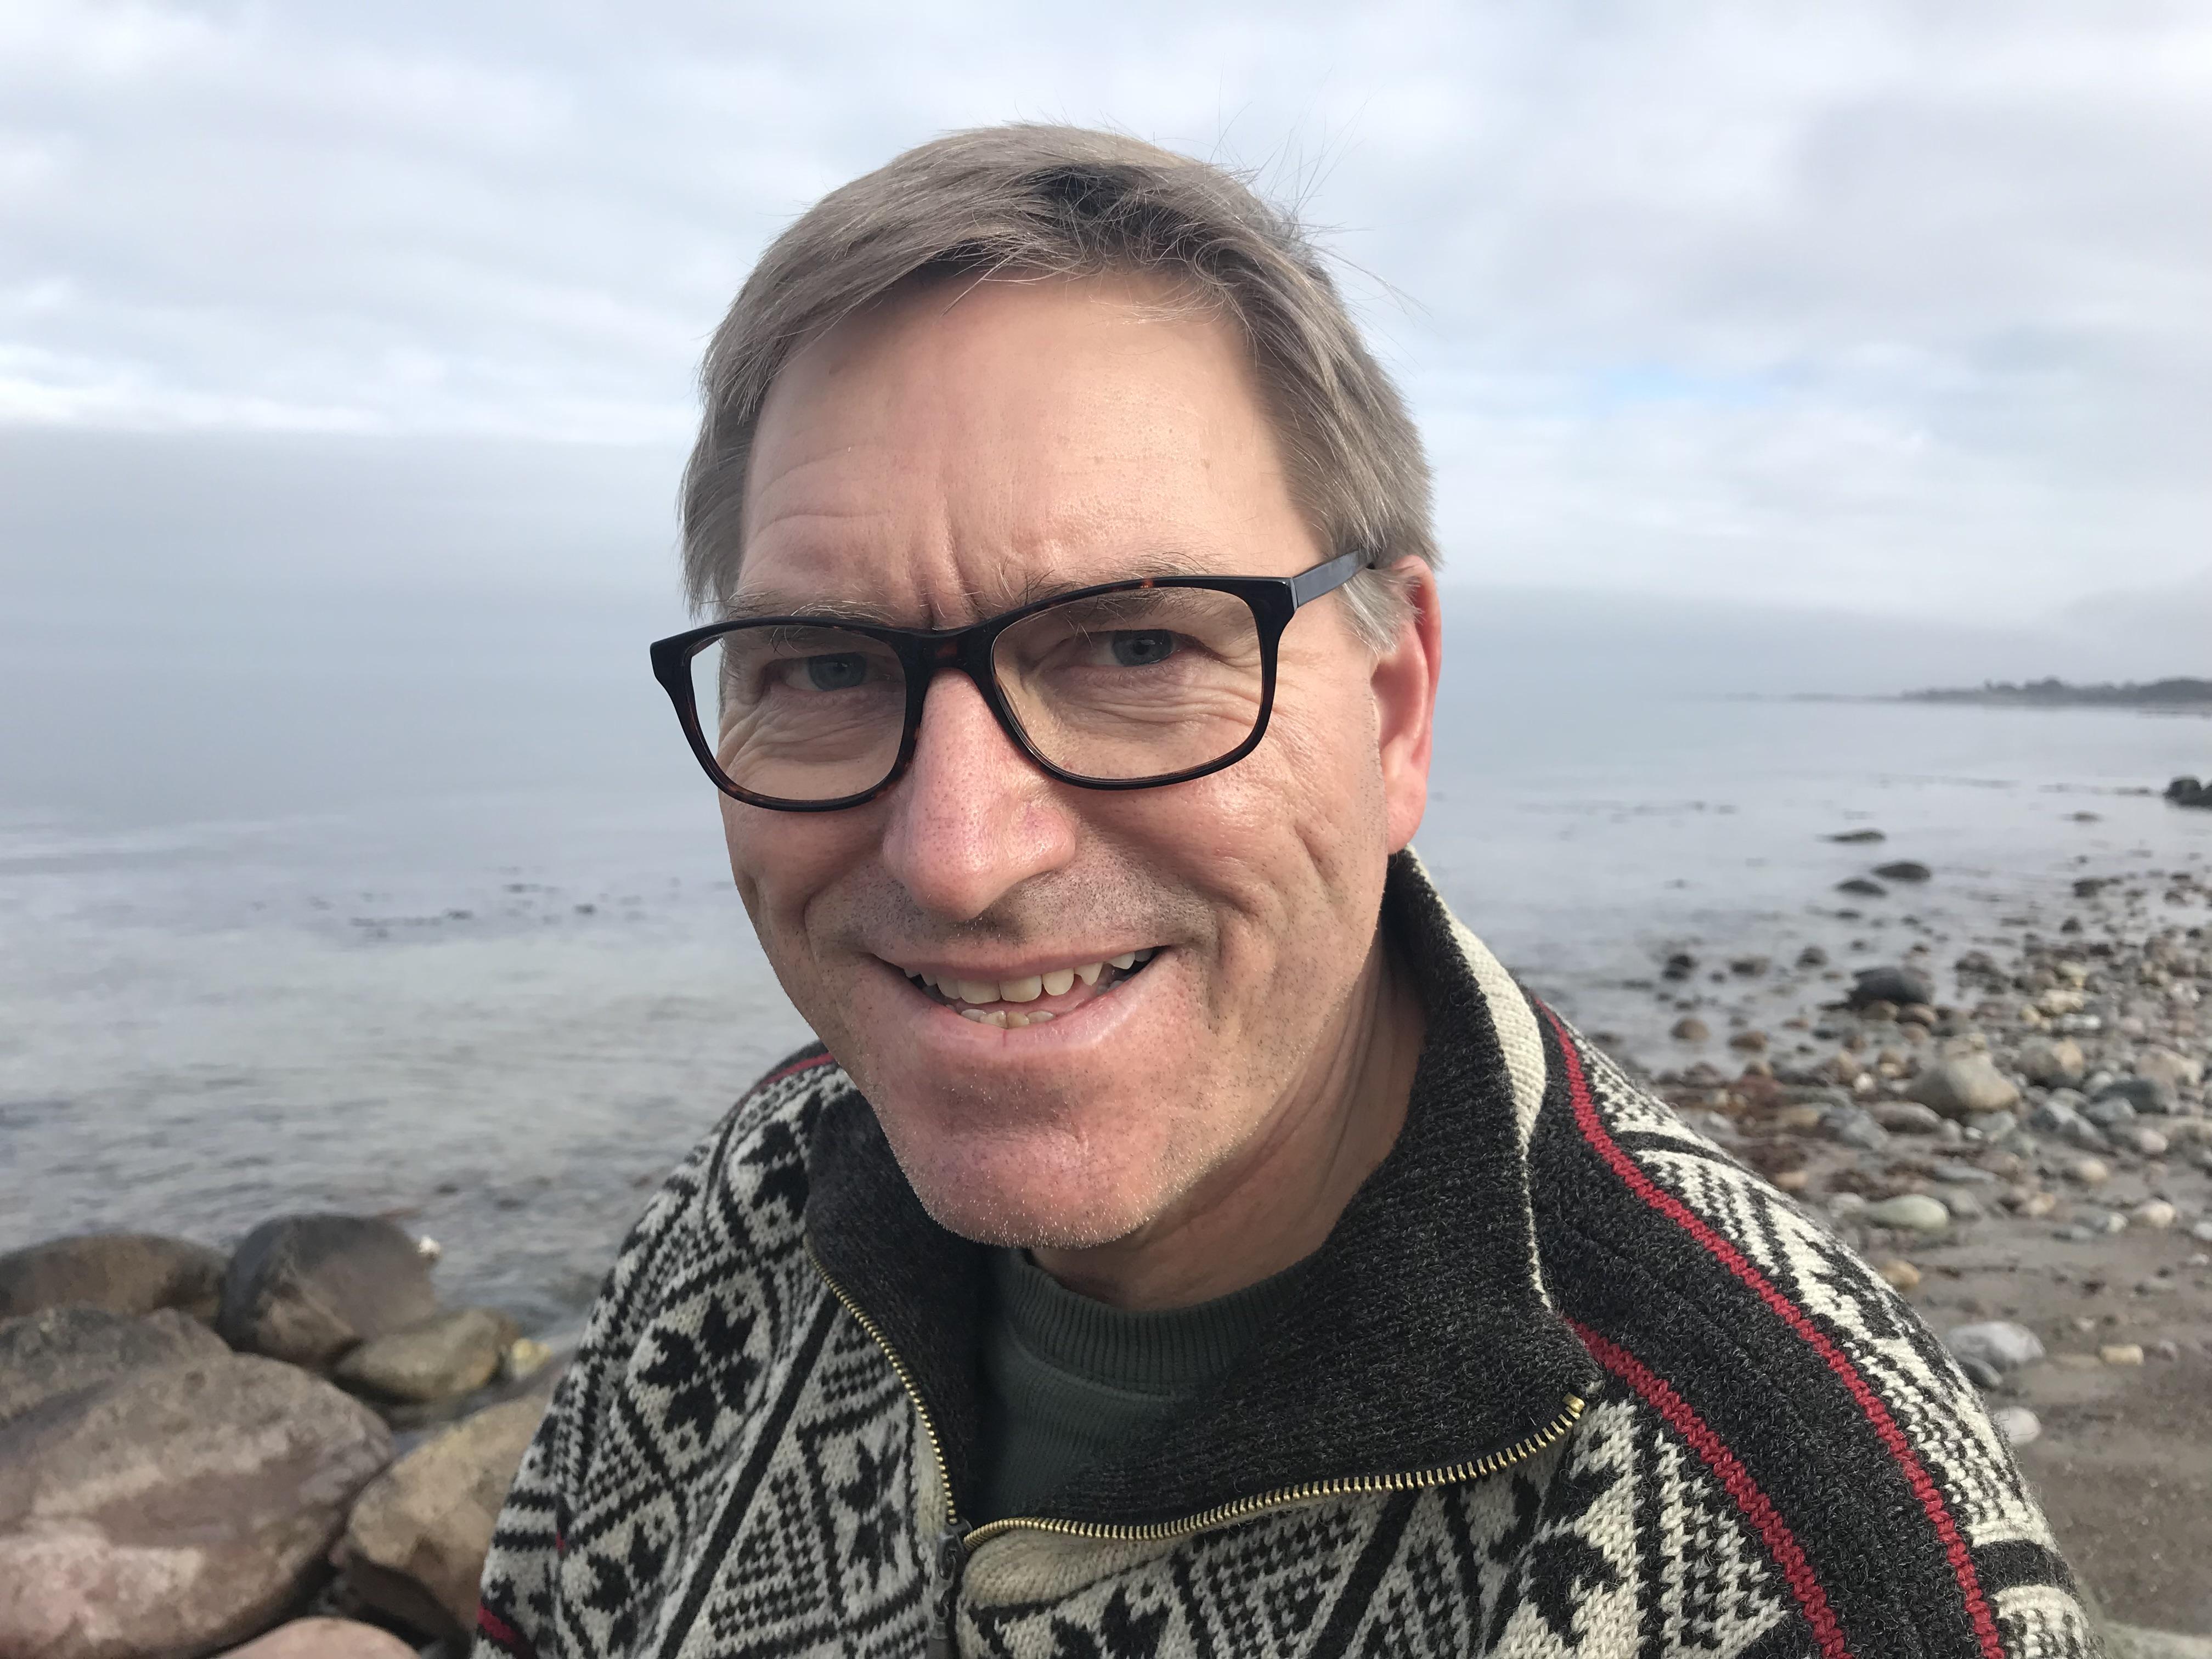 Fortsætterkursus. Grøn Omsorg I Den Specialpædagogiske Praksis. (Søtofte D. 26. April.) Udskudt – Ny Dato Kommer Snart.